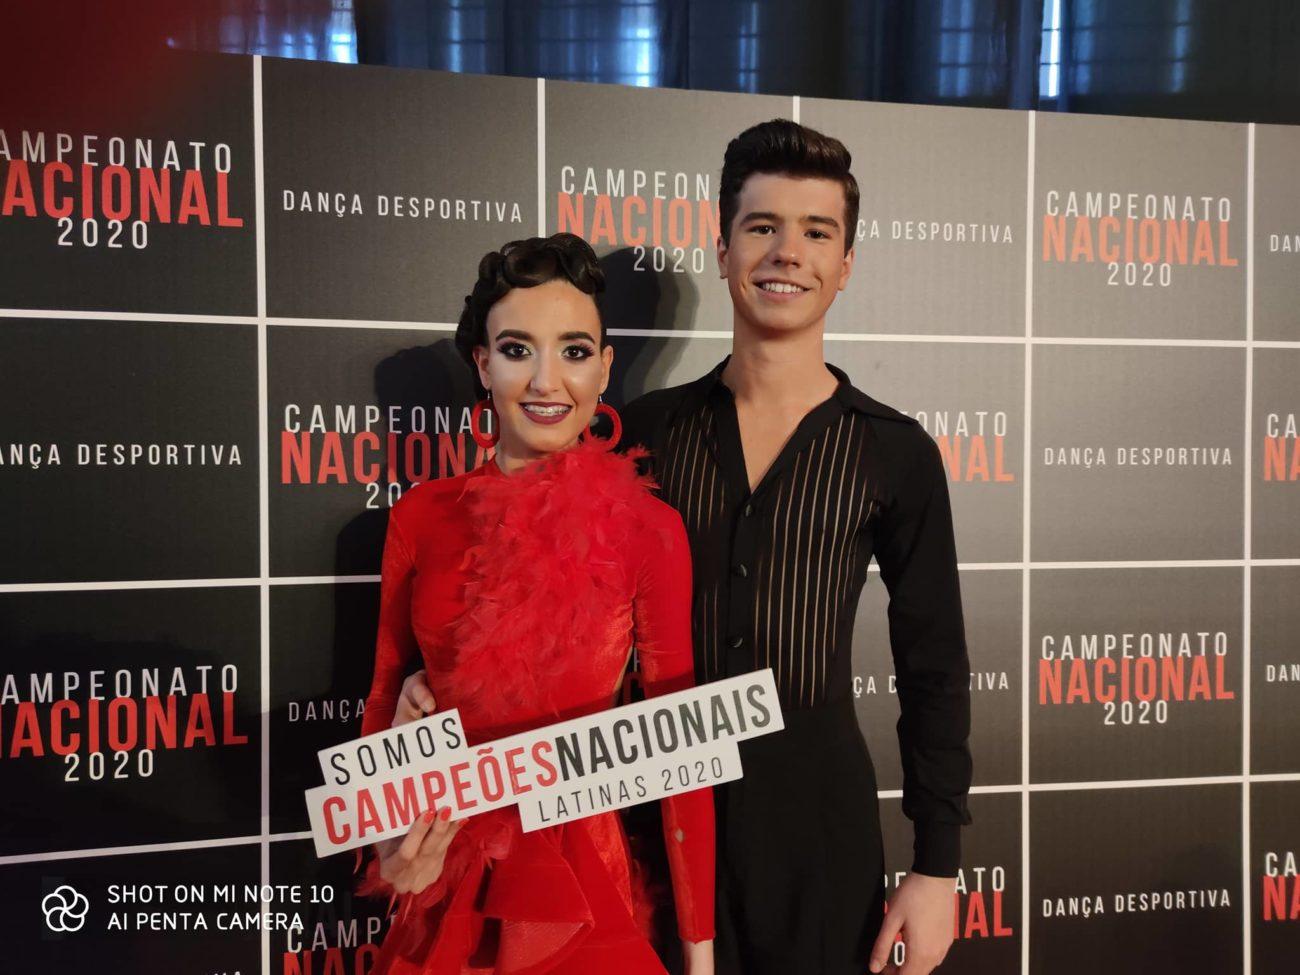 BRAGA - Tiago Ferreira e Francisca Almeida, da Bracara Team, sagraram-se campeões nacionais de Danças Latinas e Danças Standard